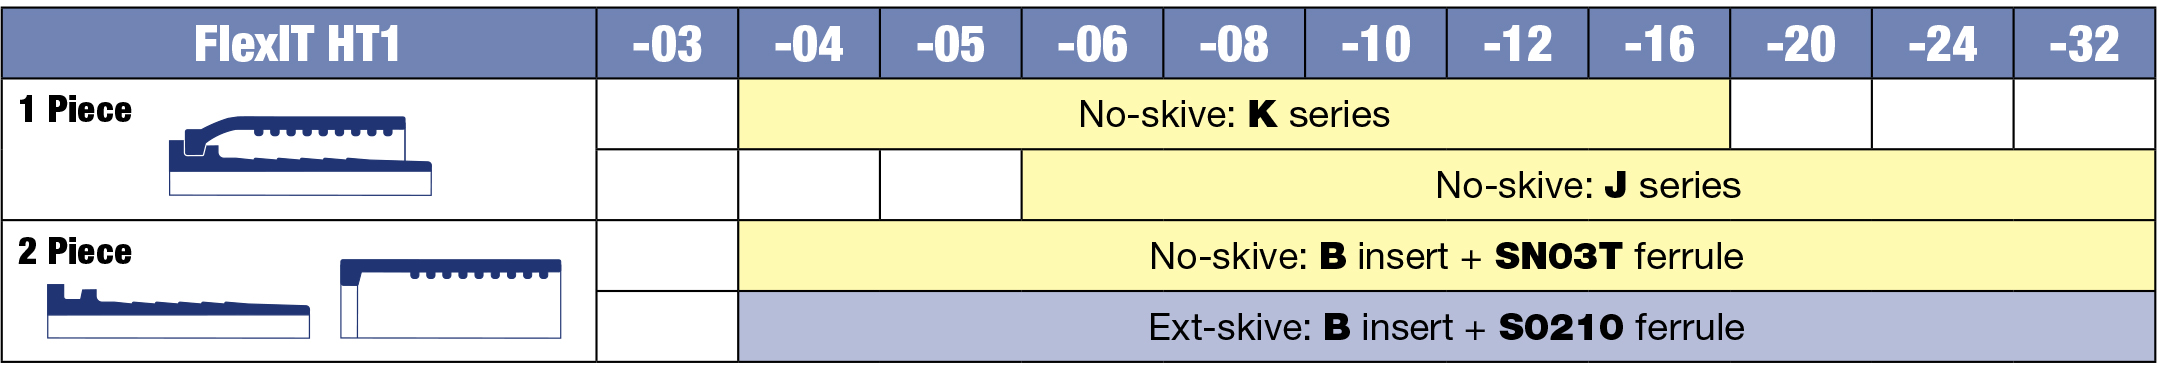 Таблица совместимости шлангов высокого давления Flex LT HT1 с фитингами INTERTRACO.